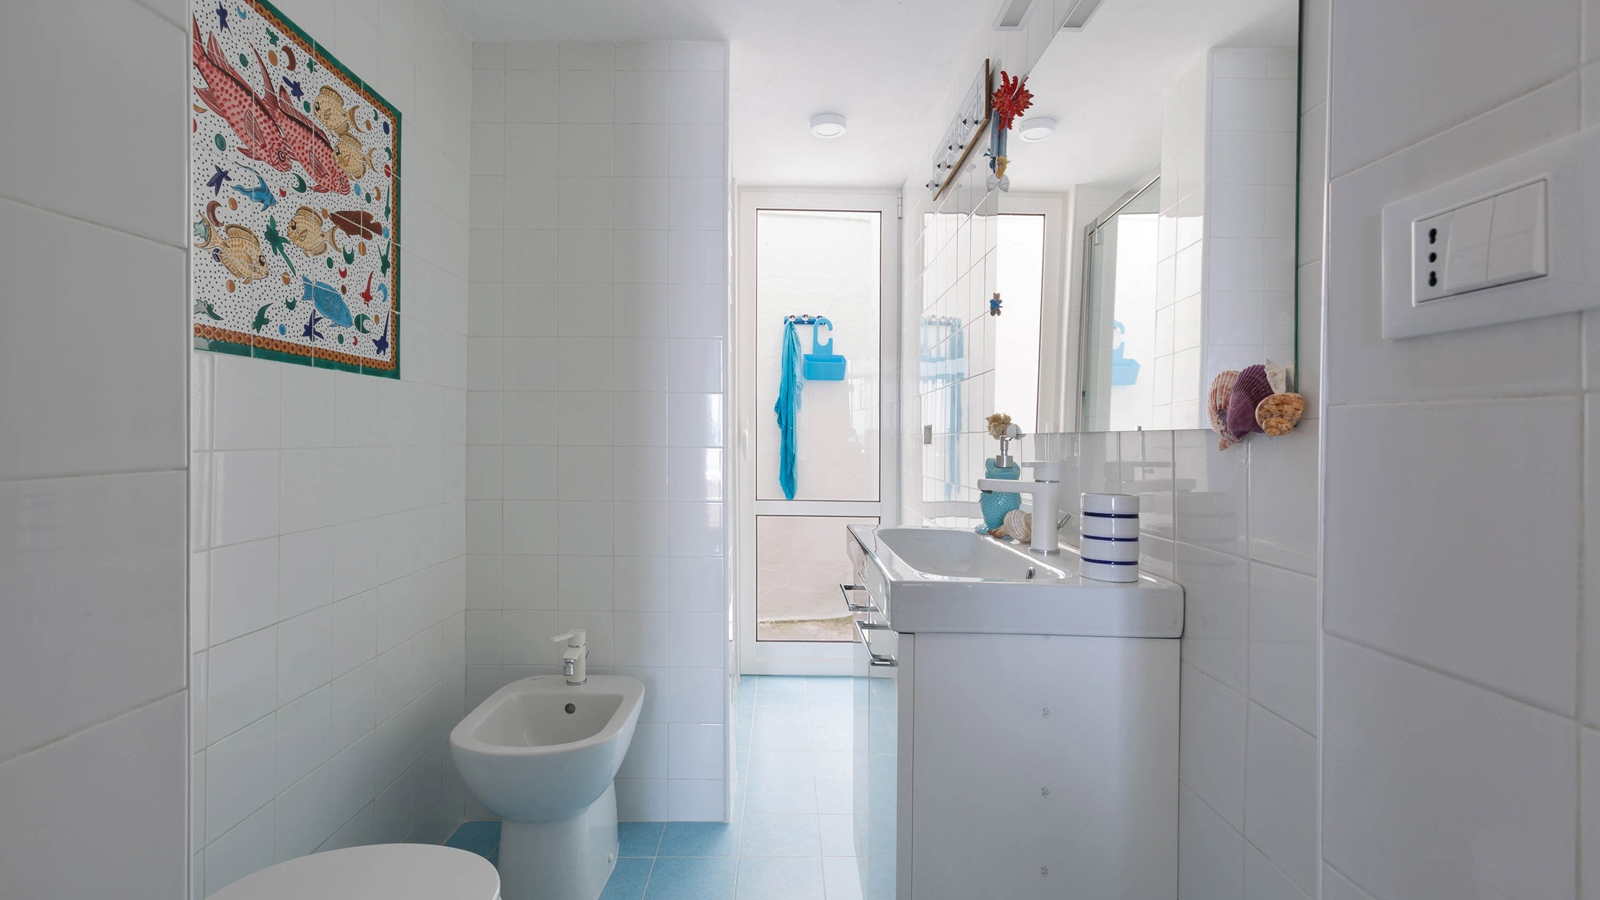 vacanze ostuni casa helios bagno